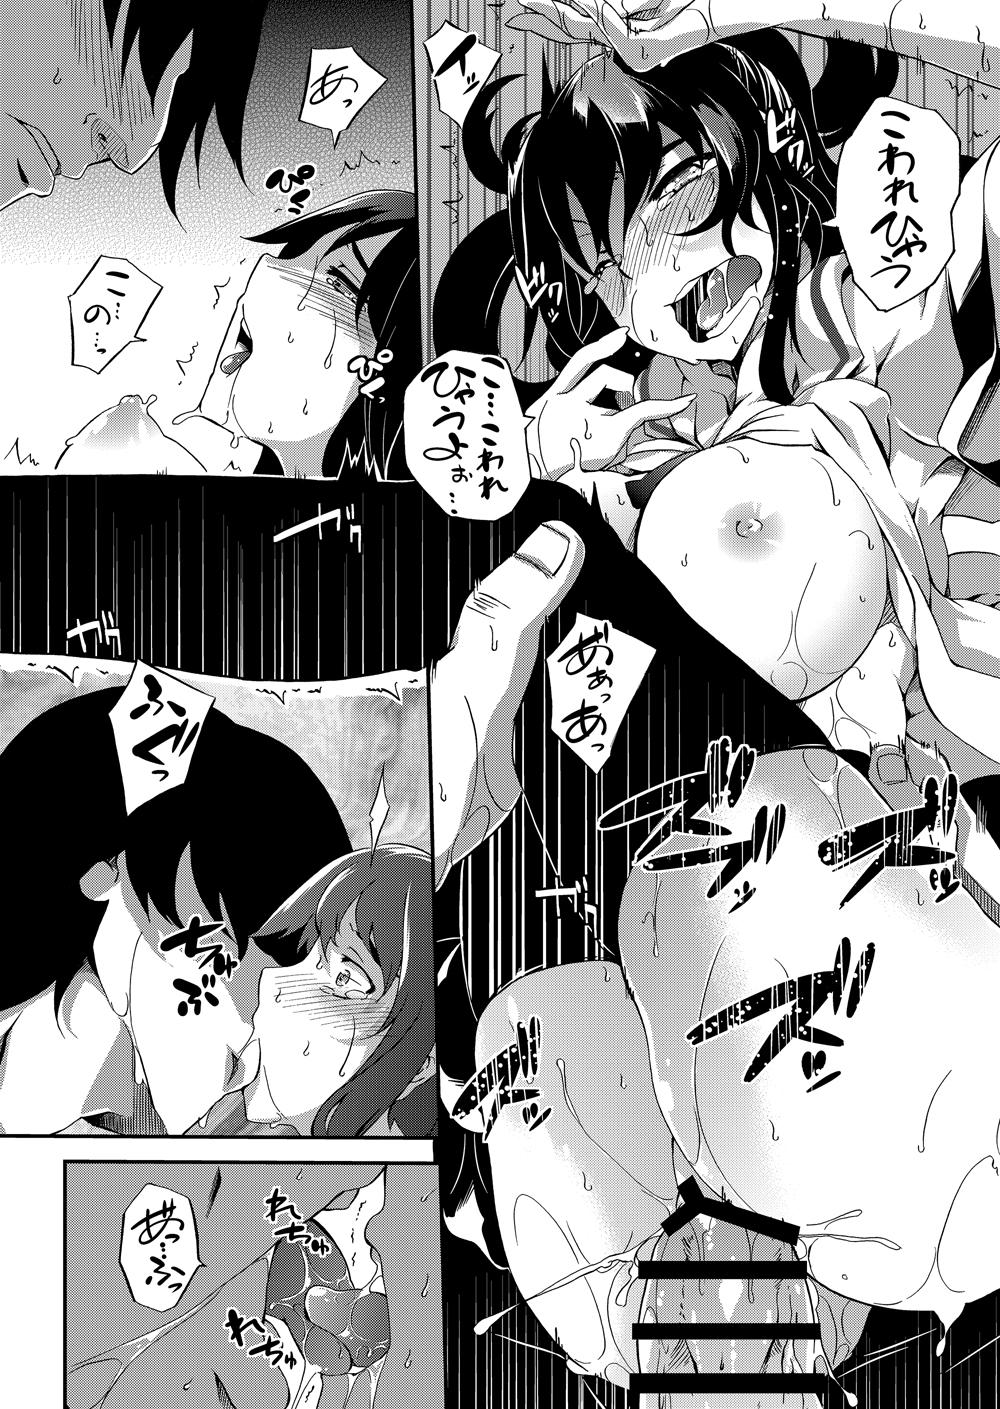 【エロ漫画・エロ同人】学園のアイドルな巨乳生徒会長が没収したエロ本見てオナニーしてるwそれを不良のパシリしてる男に写真撮られて陵辱レイプされちゃったンゴwww 恥辱の生徒会室 (19)